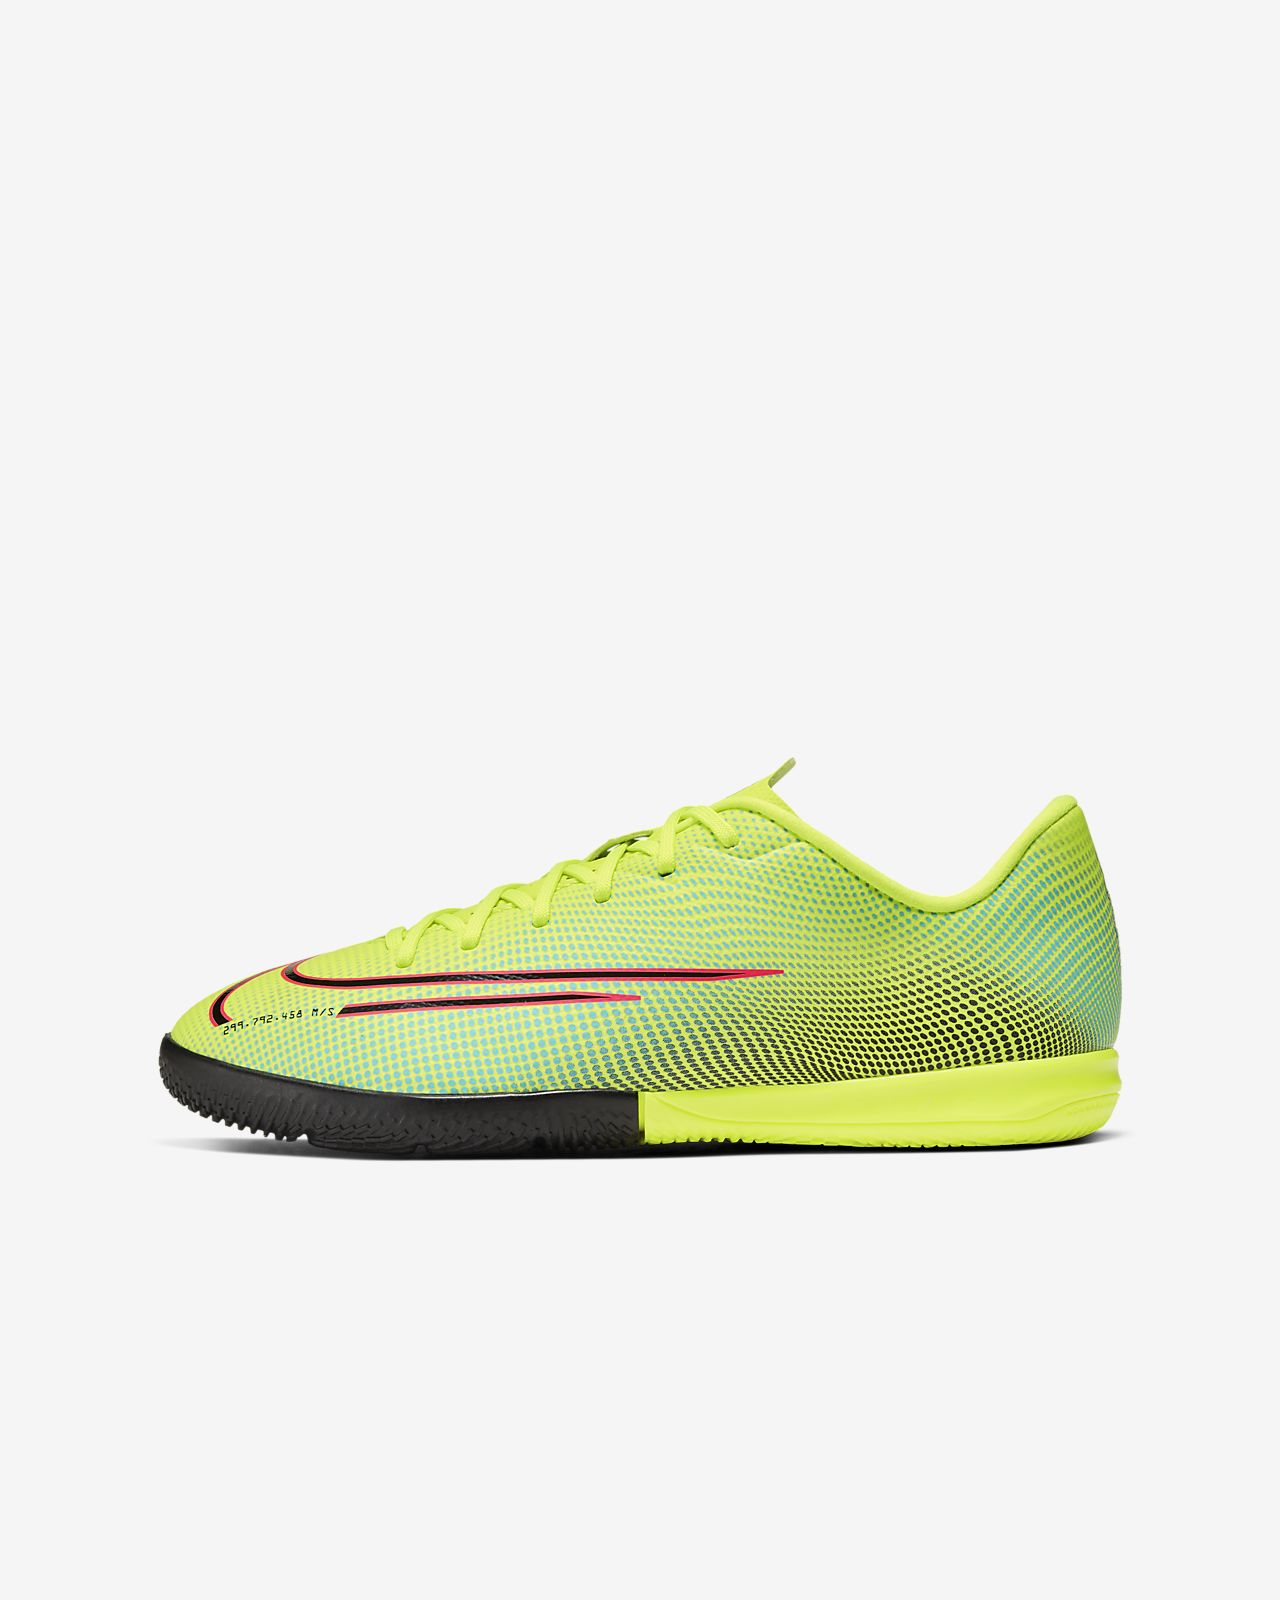 Sapatilhas de futsal Nike Jr. Mercurial Vapor 13 Academy MDS IC para criançaJúnior